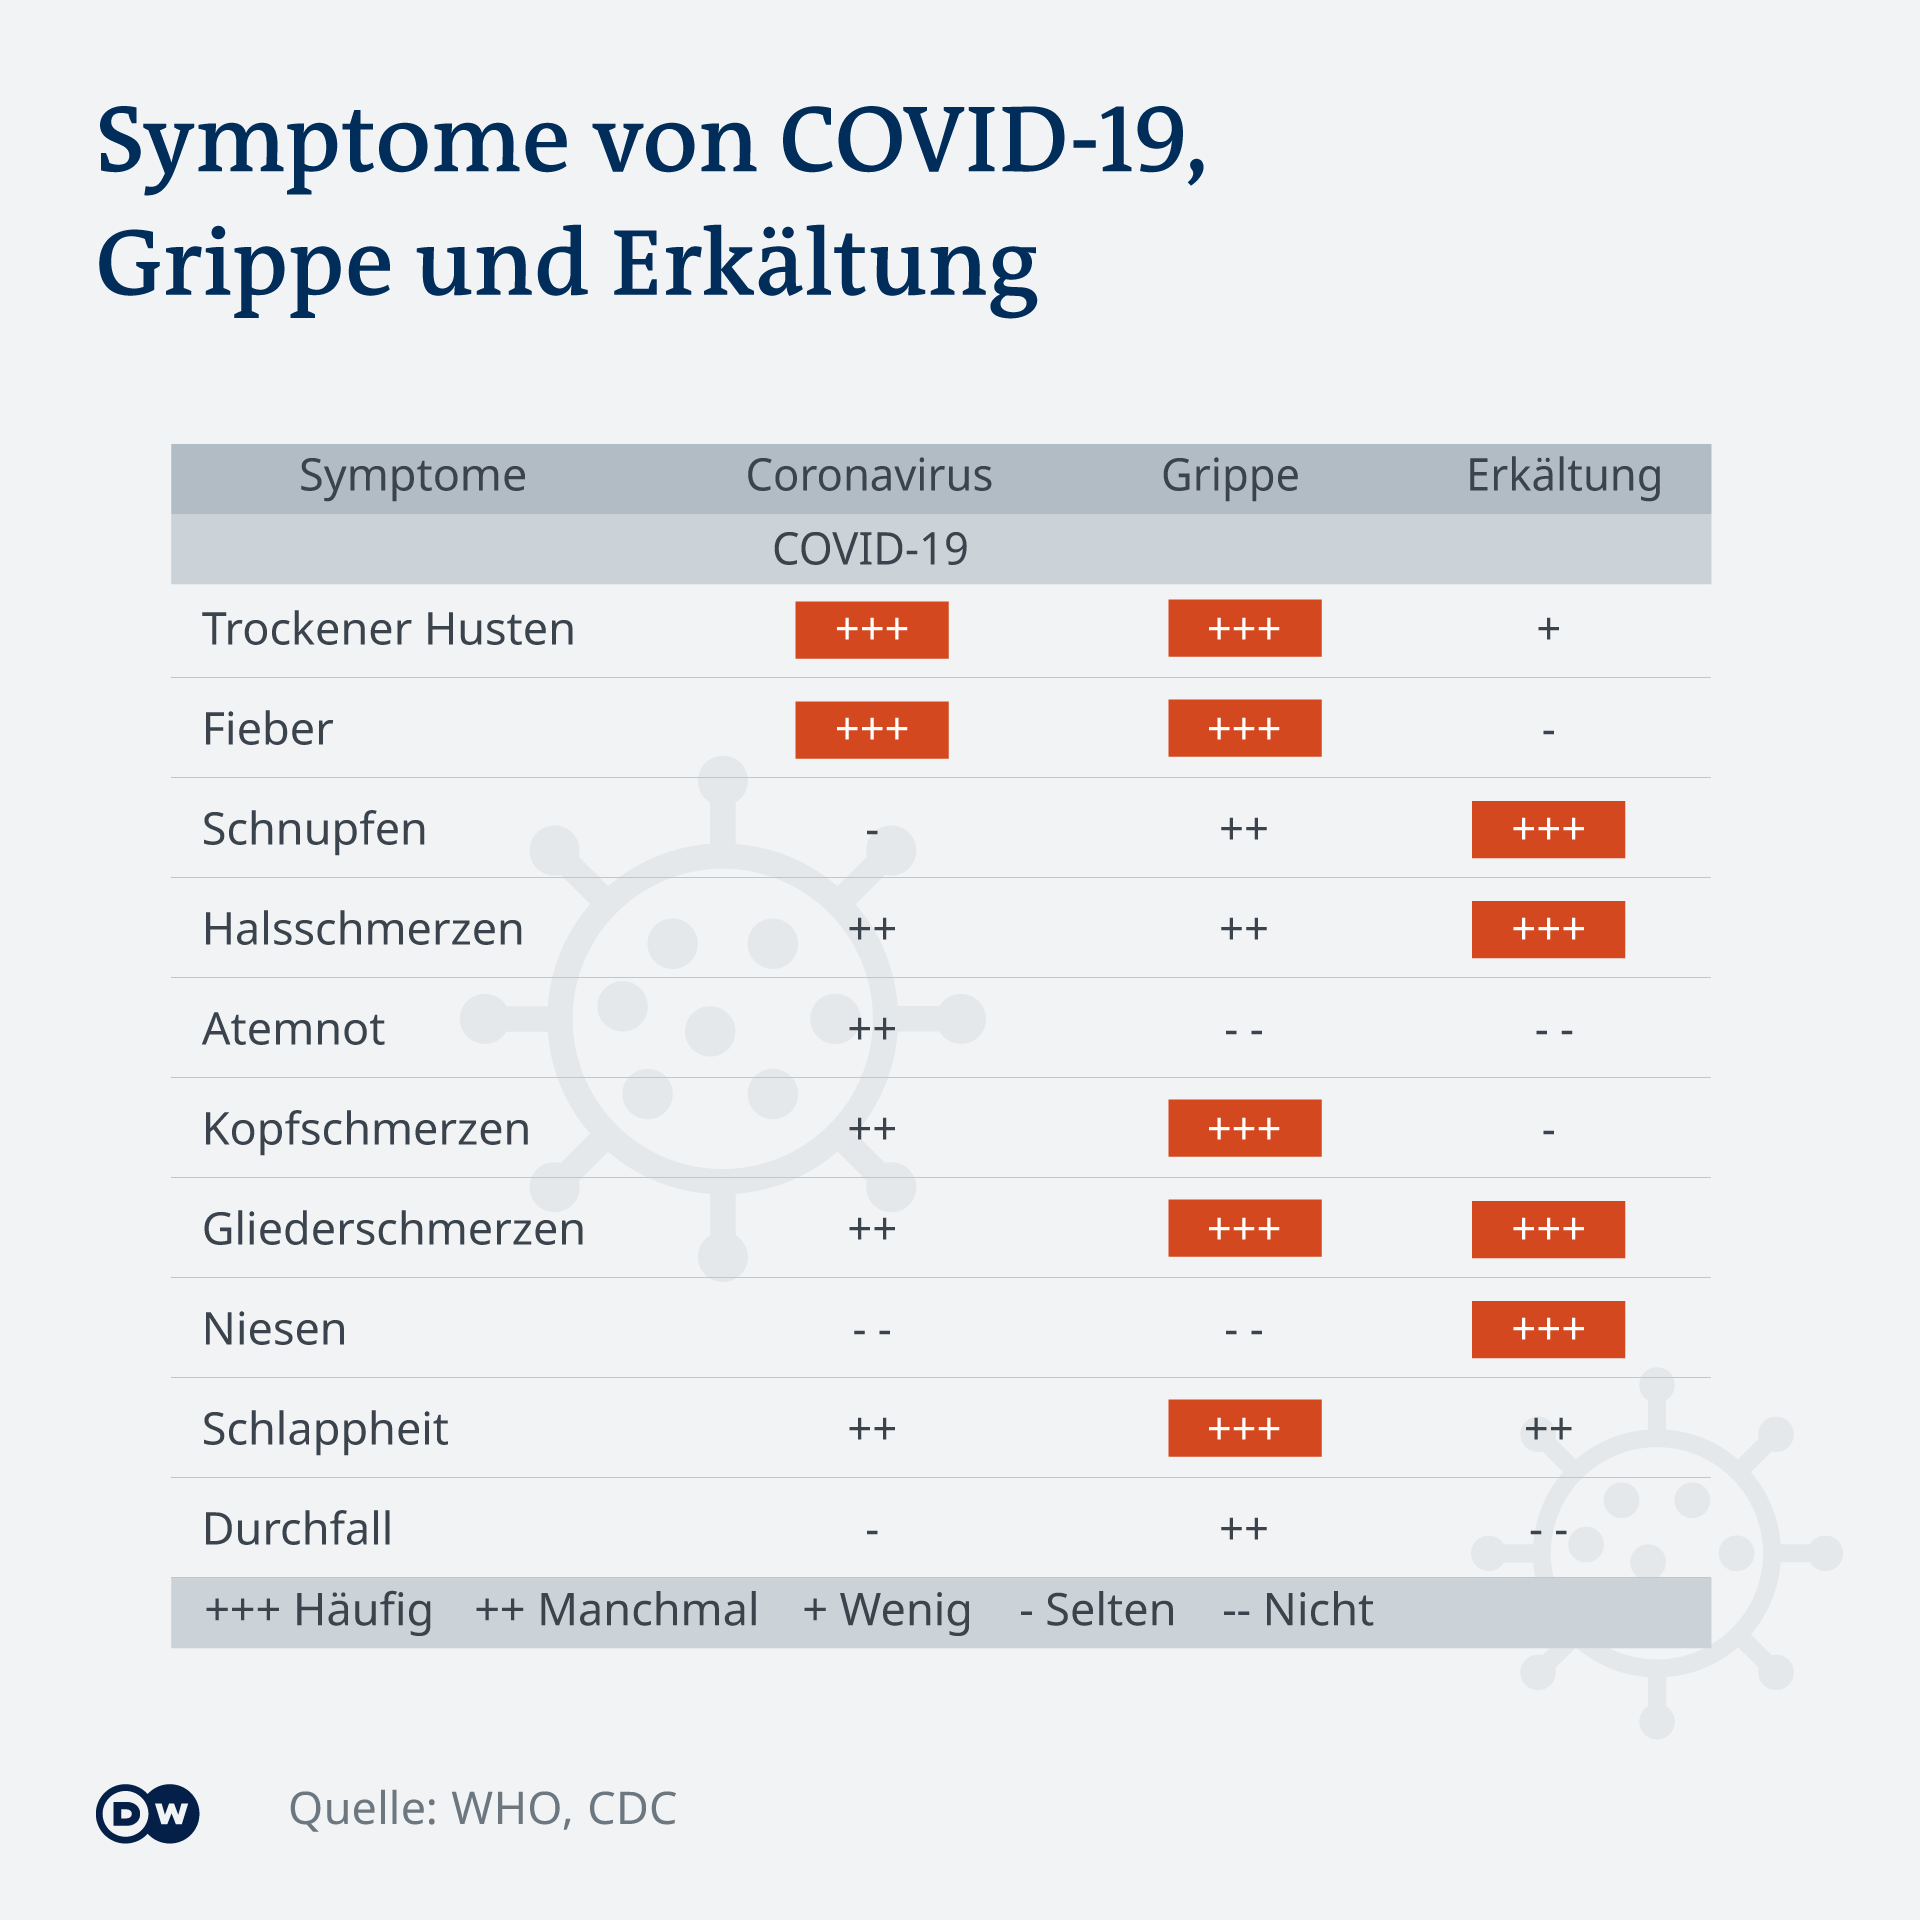 Symptome Covid 19 vs. Grippe und Erkältung